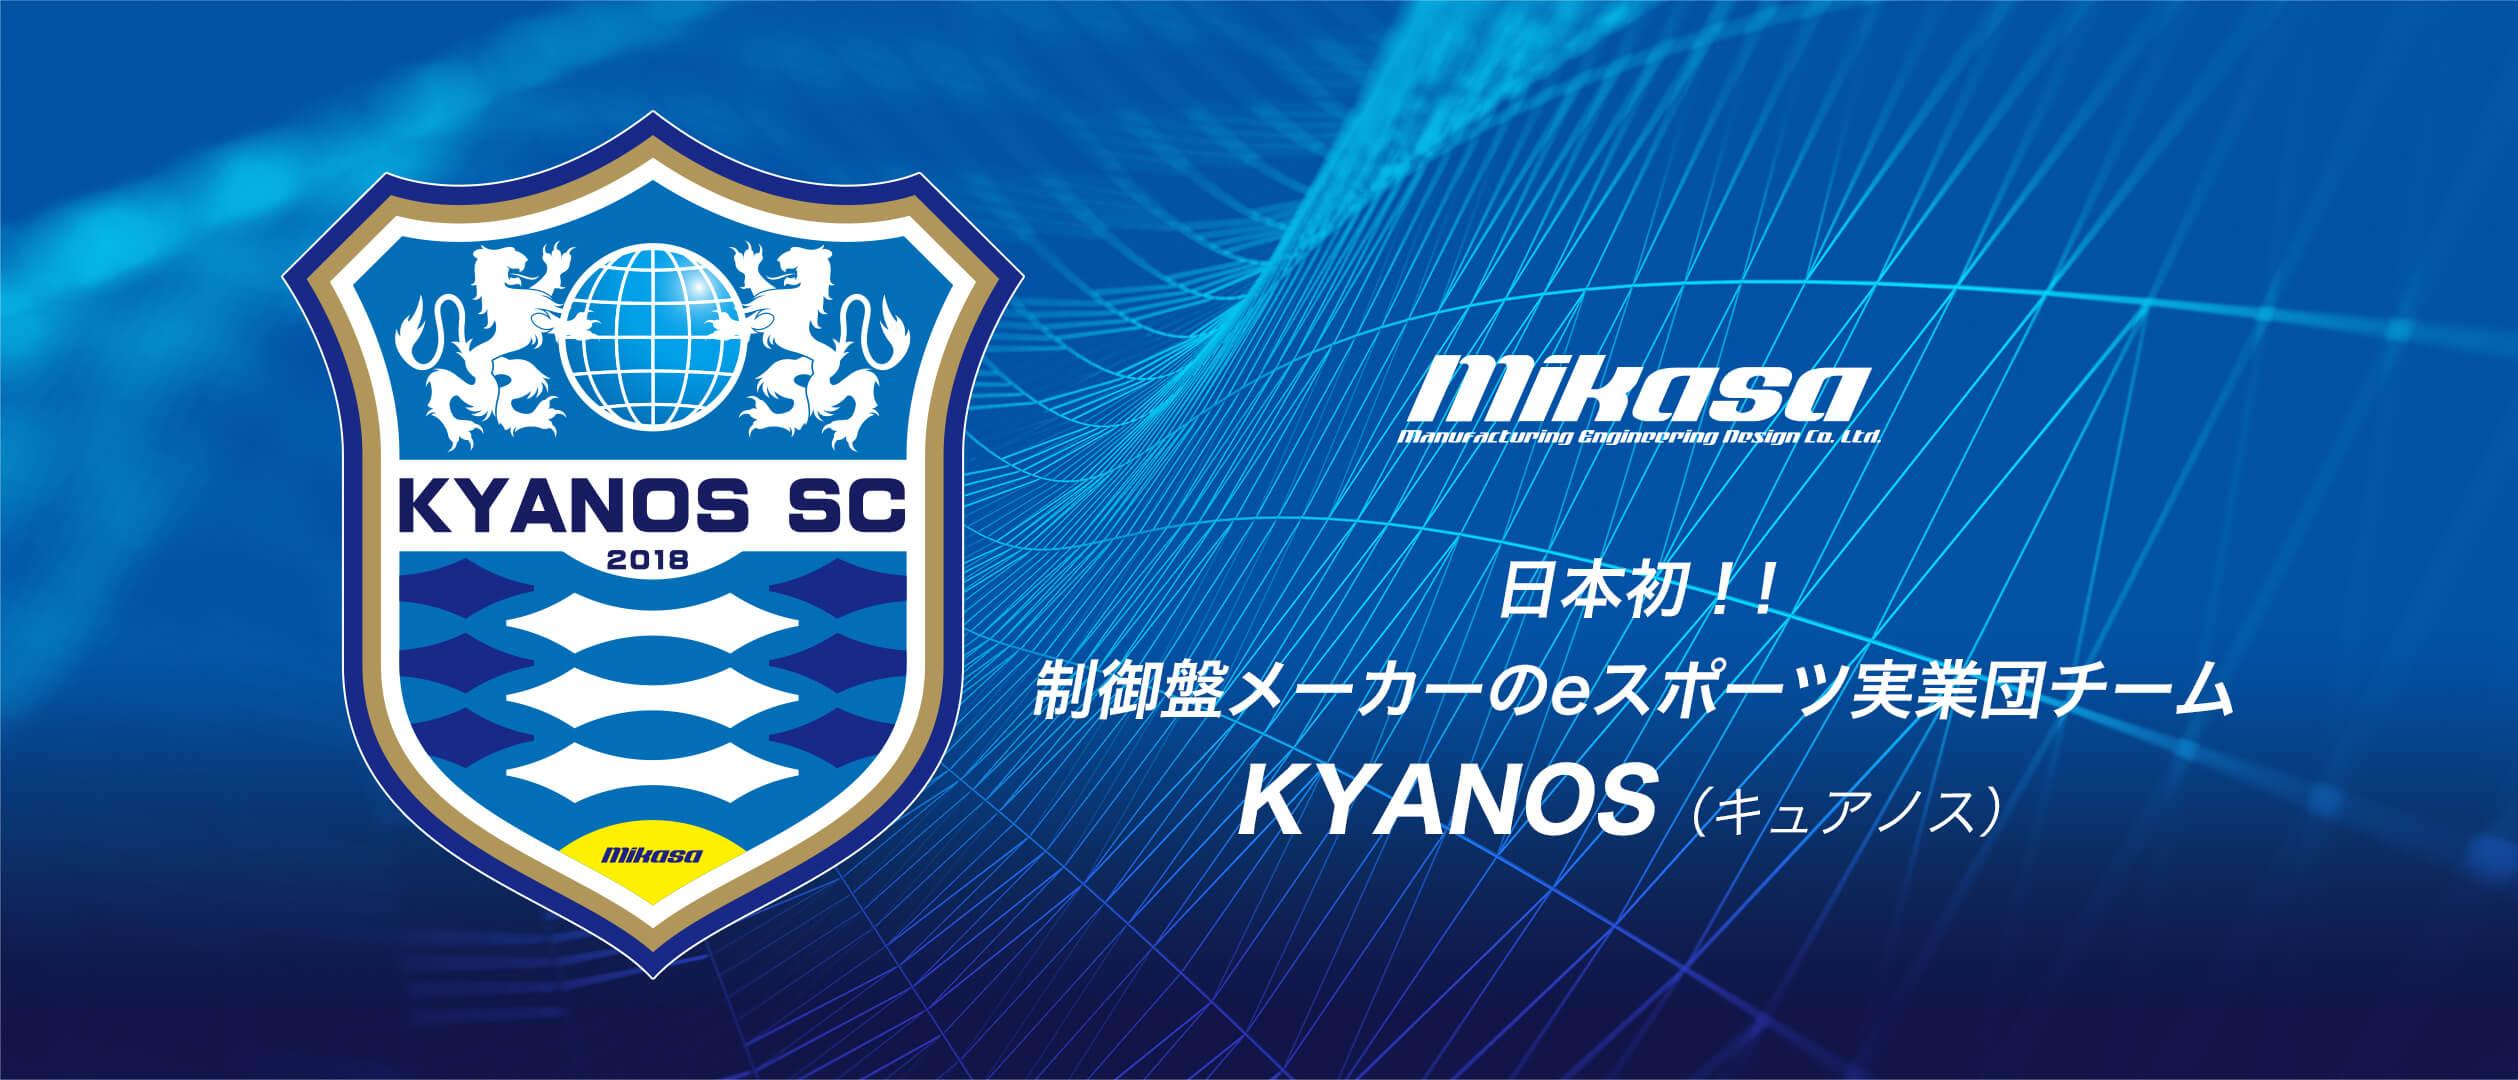 日本初!制御盤メーカーのeスポーツ実業団チームKYANOS(KYANOS)